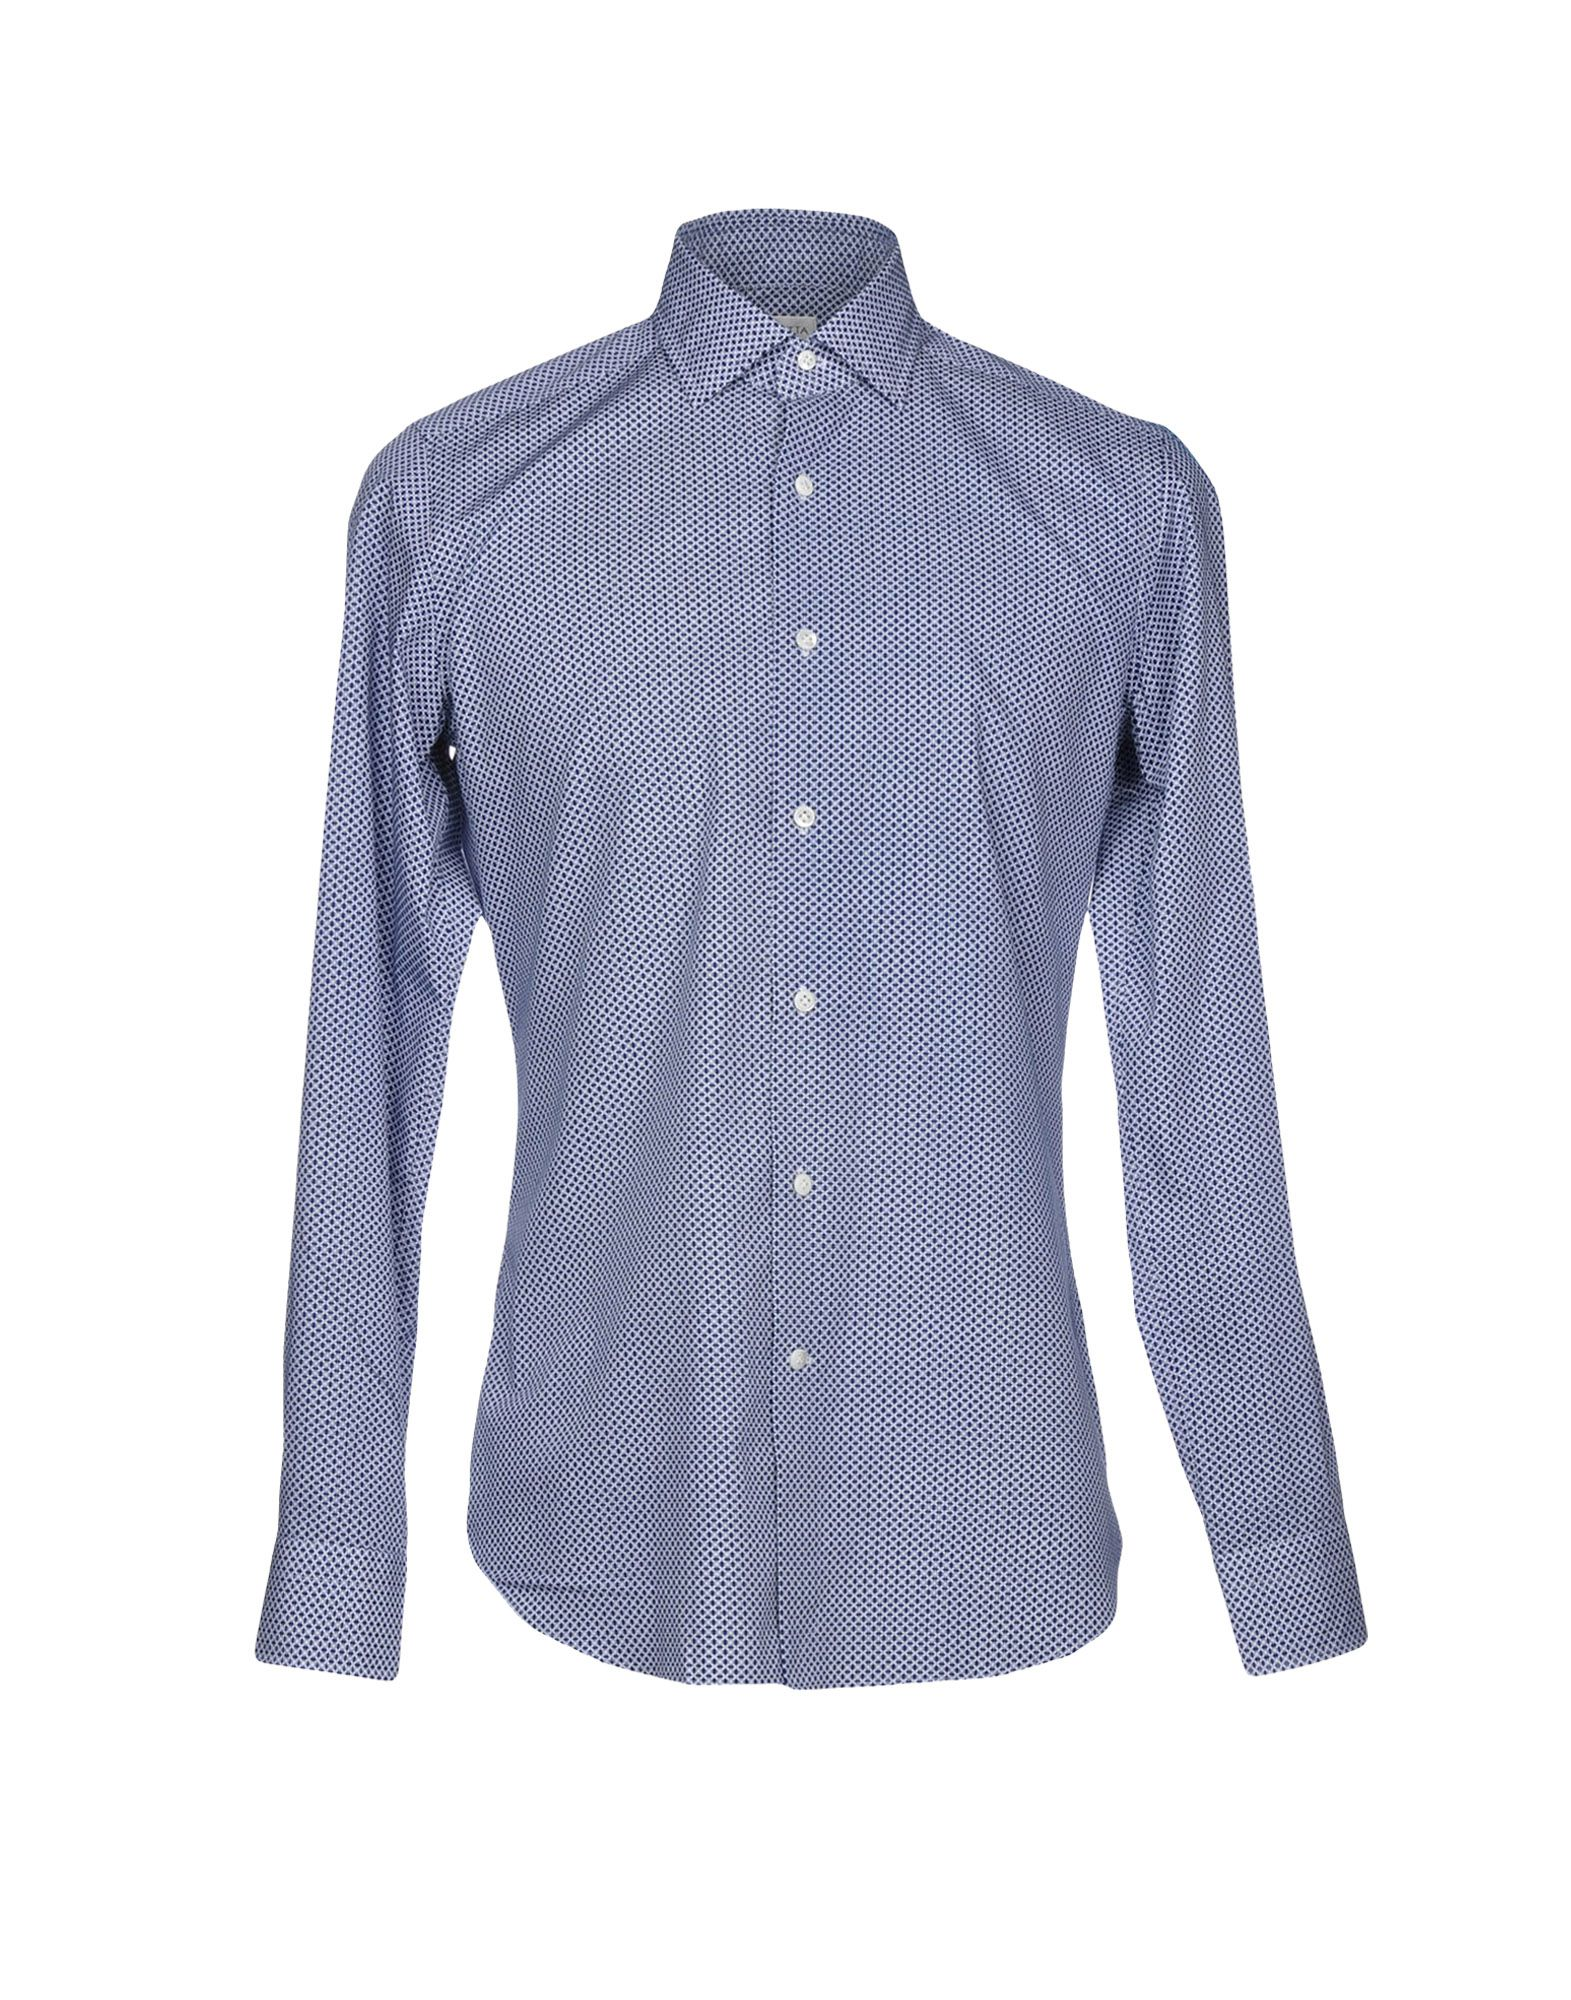 《送料無料》BAGUTTA メンズ シャツ ブルー 45 コットン 100%